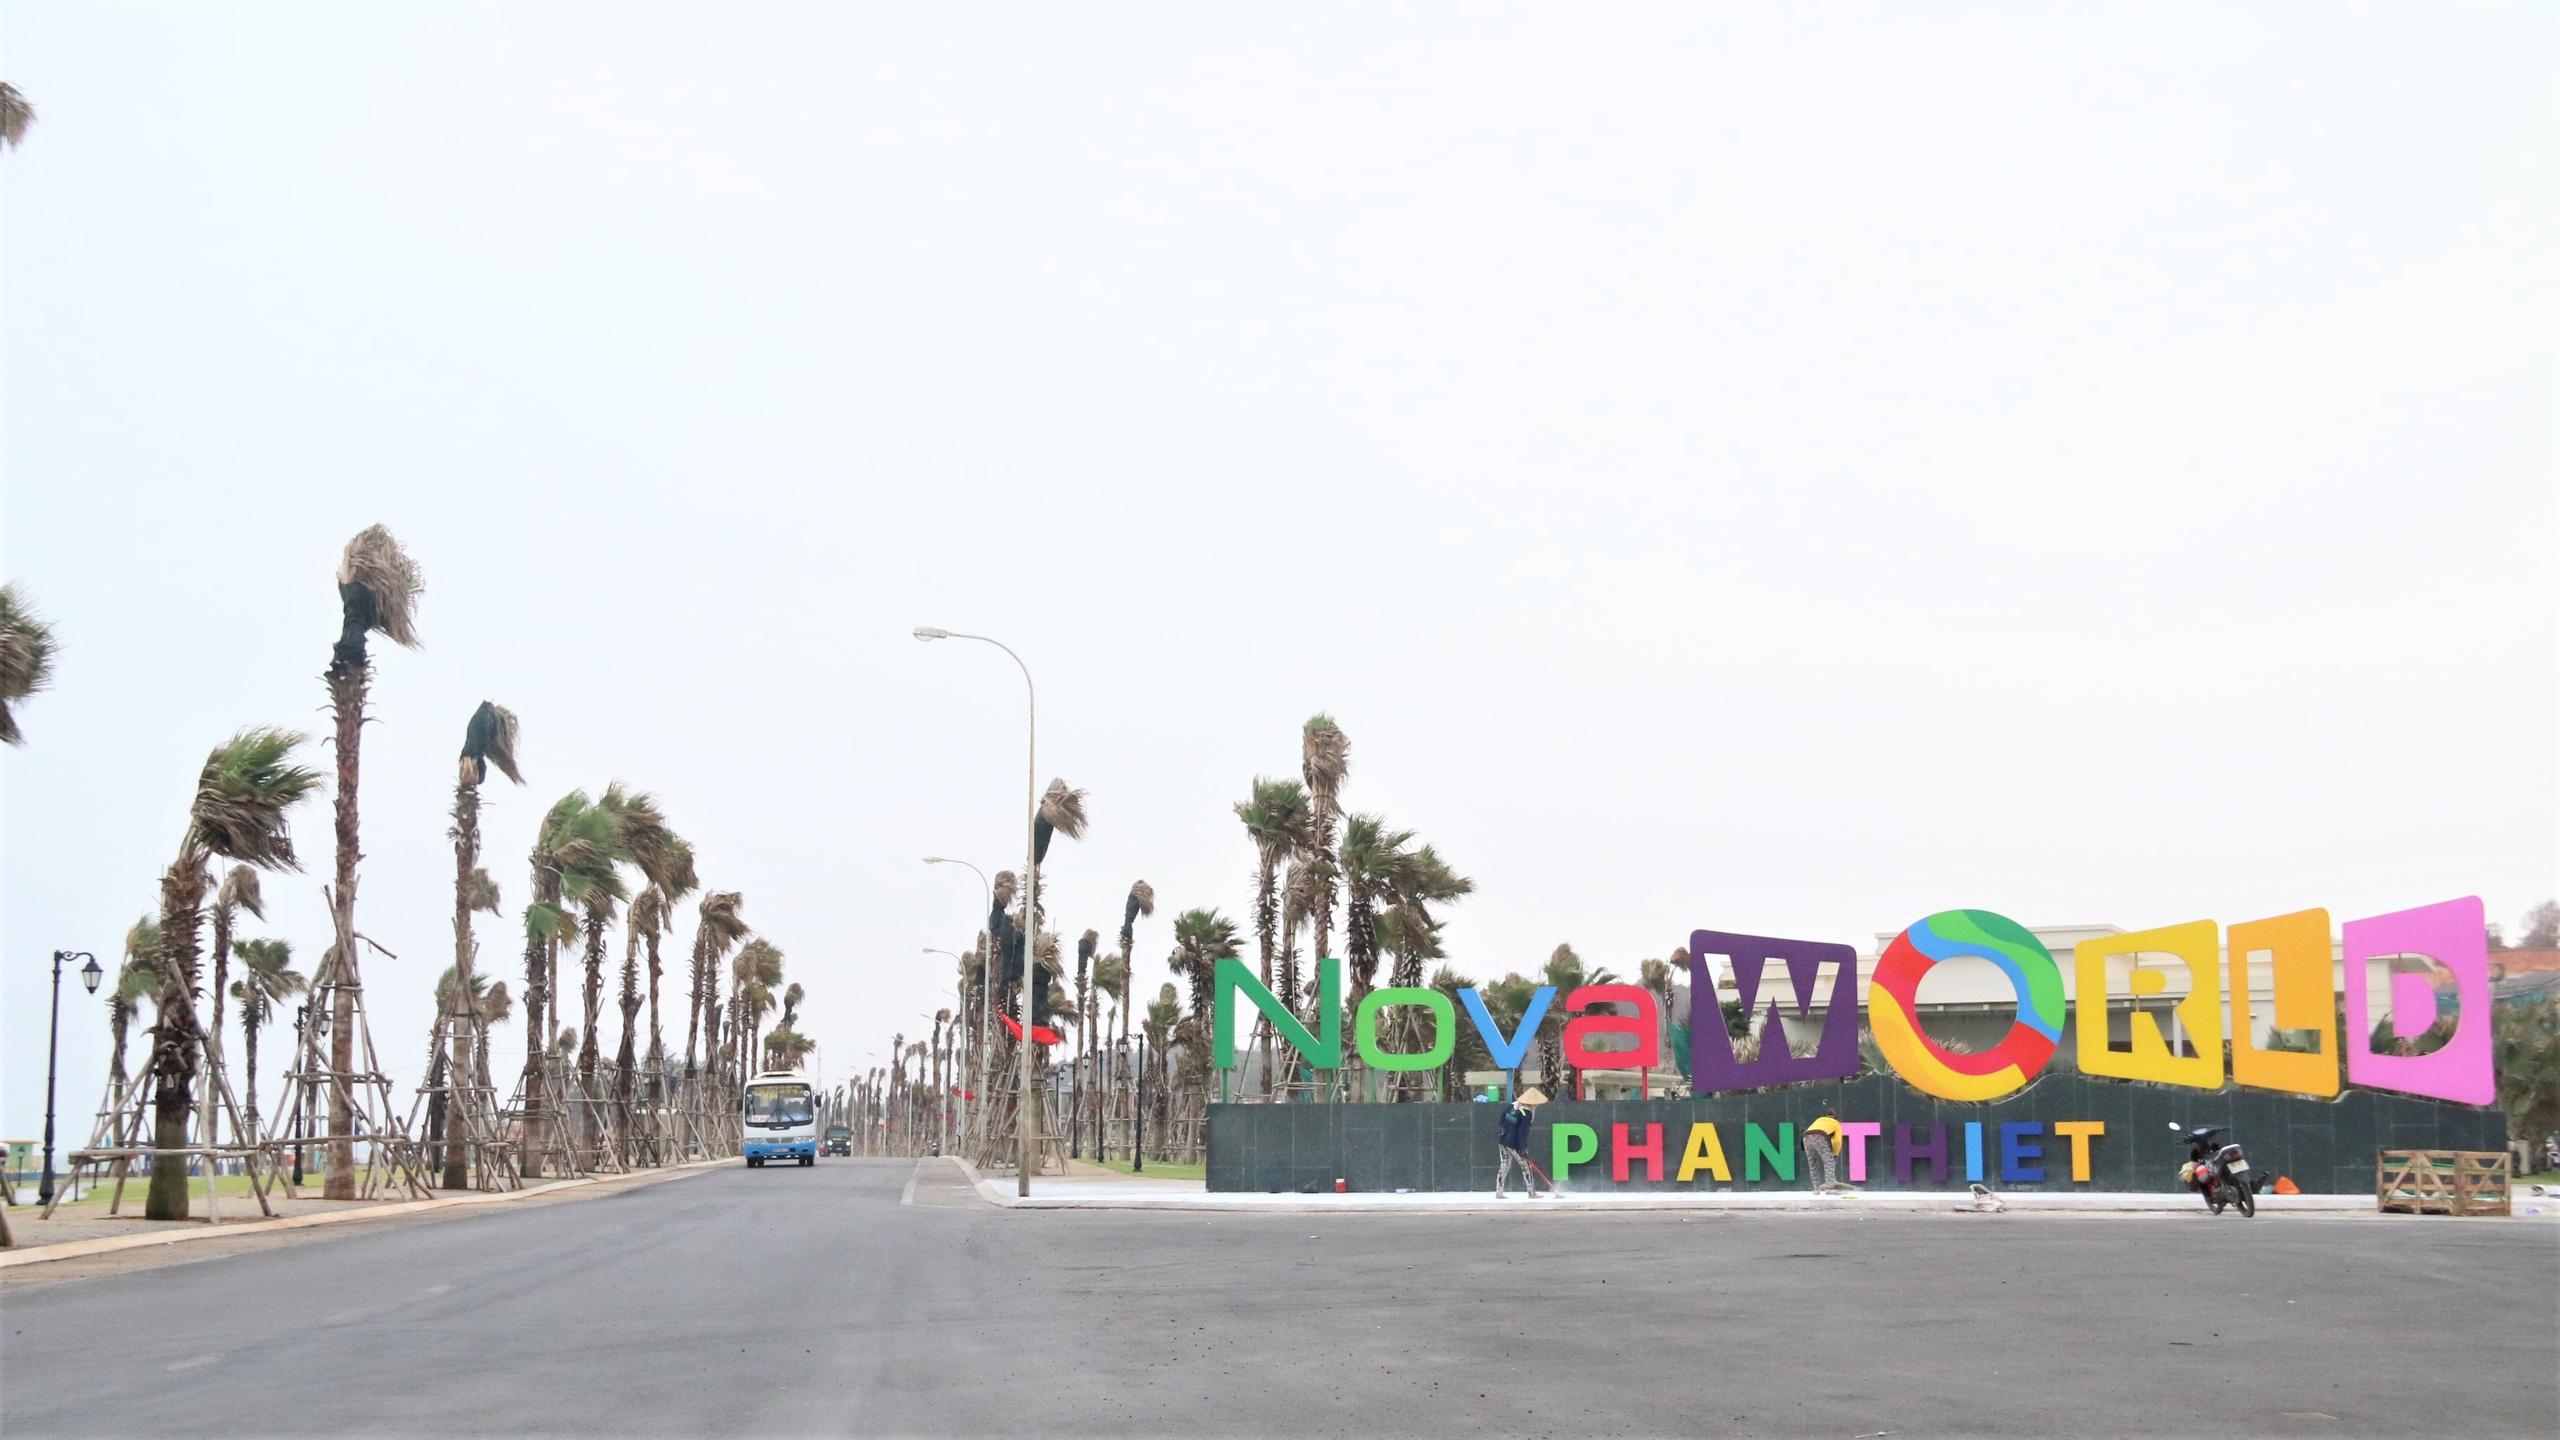 Cận cảnh tuyến đường ven biển ĐT.719 đoạn Phan Thiết - Kê Gà - Ảnh 10.